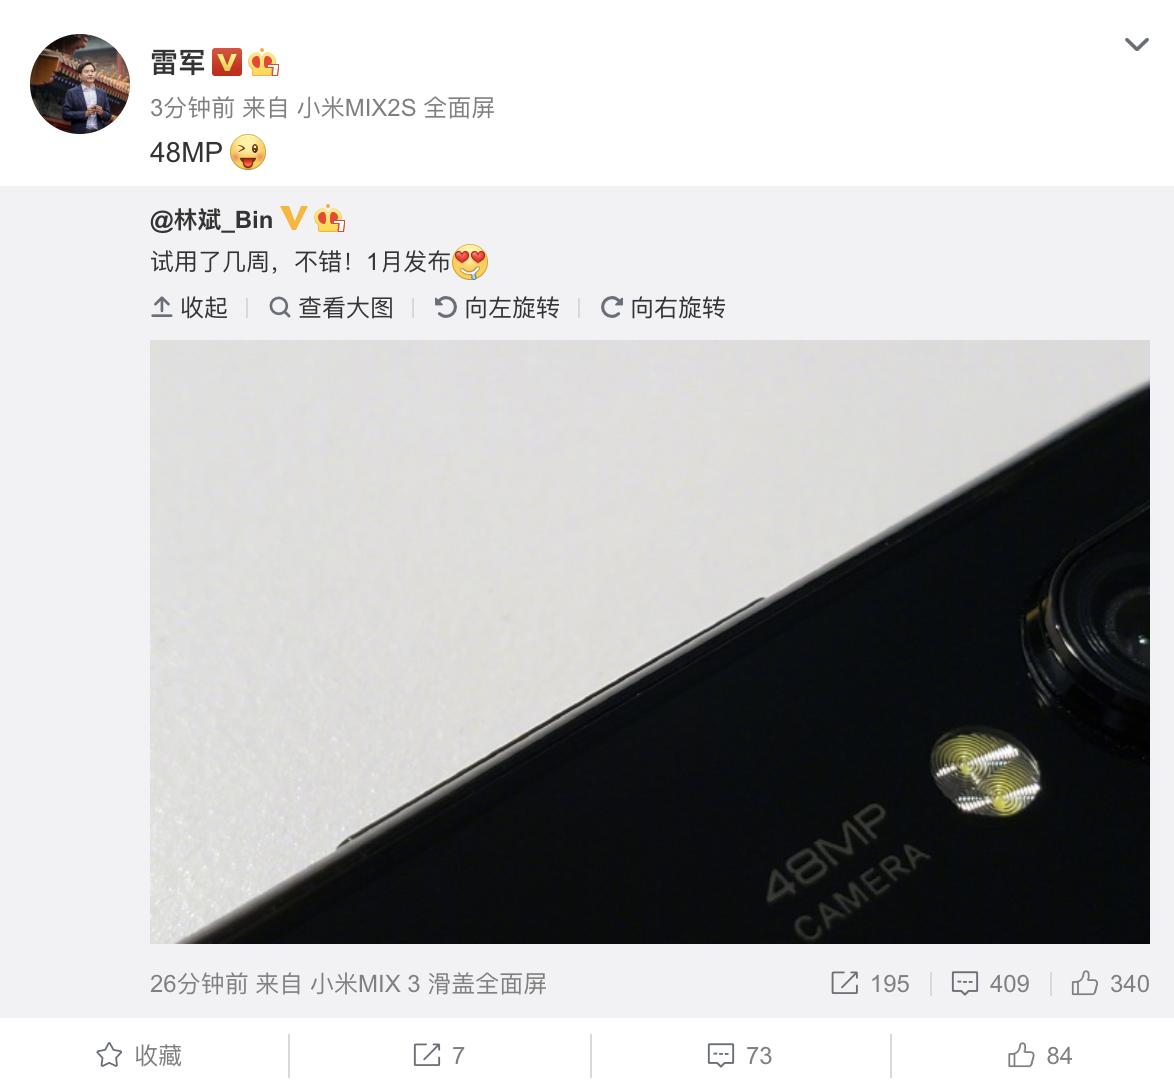 小米手机全新升级系列产品曝出!当月24日公布!这一PLAY要怎样玩?